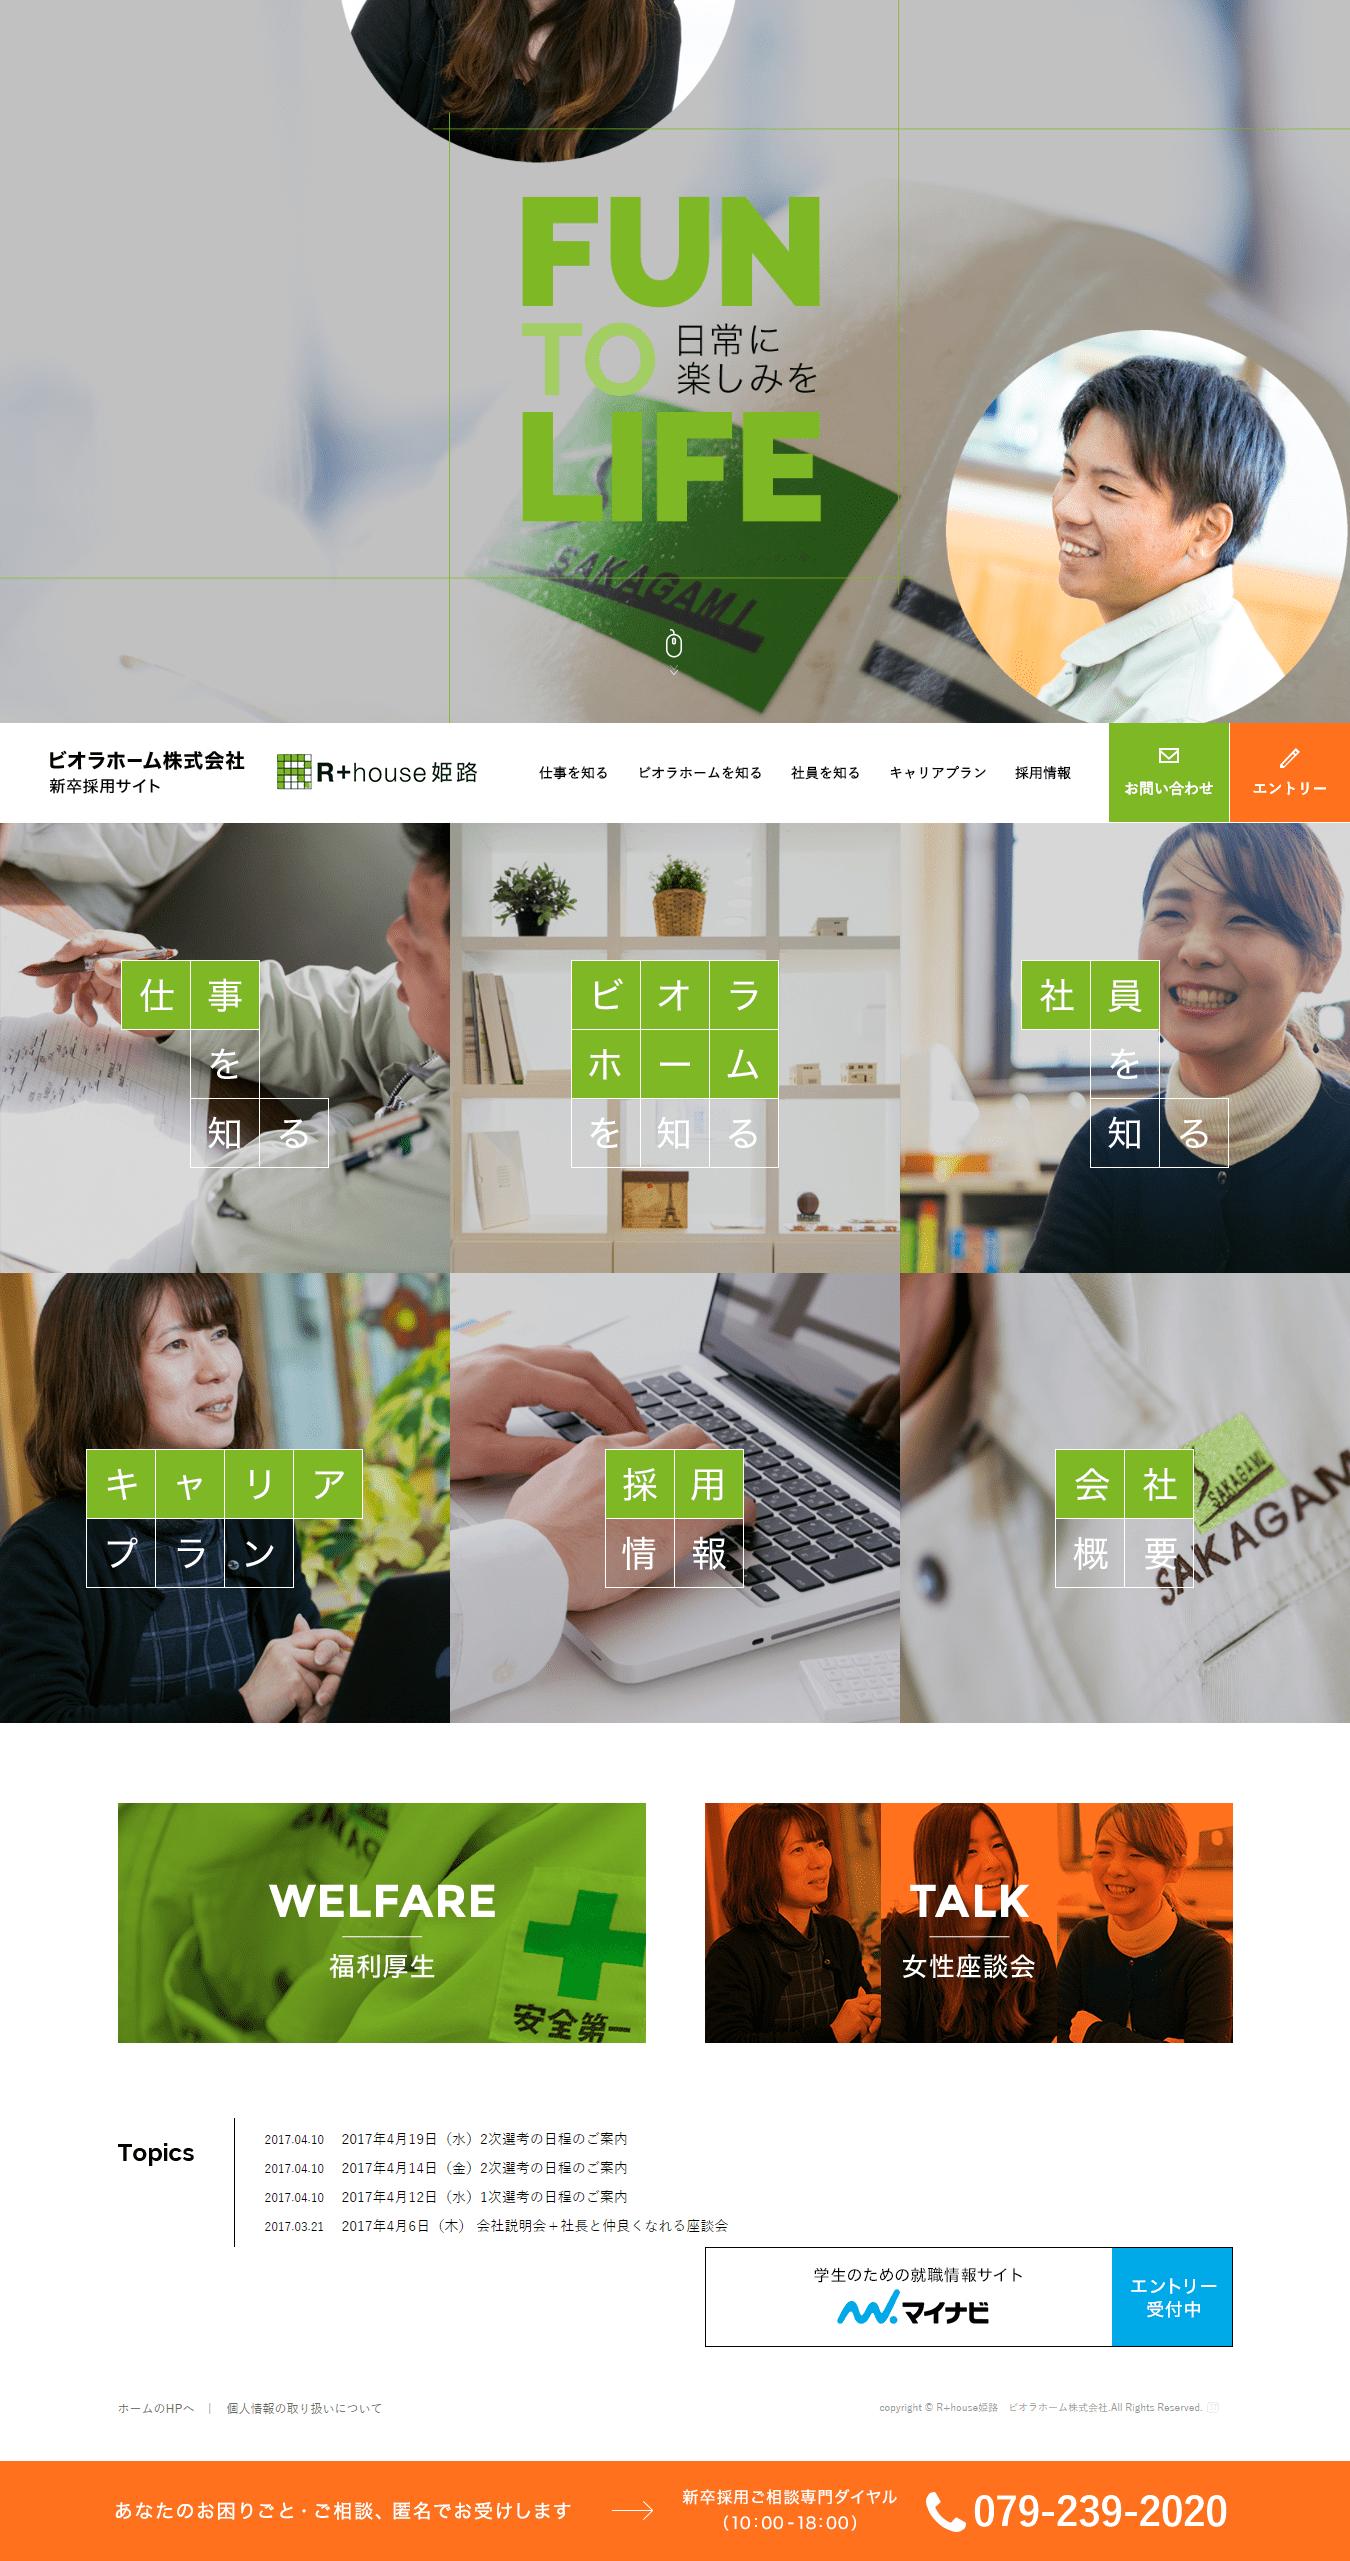 姫路市 ビオラホーム株式会社様 新卒採用サイト1